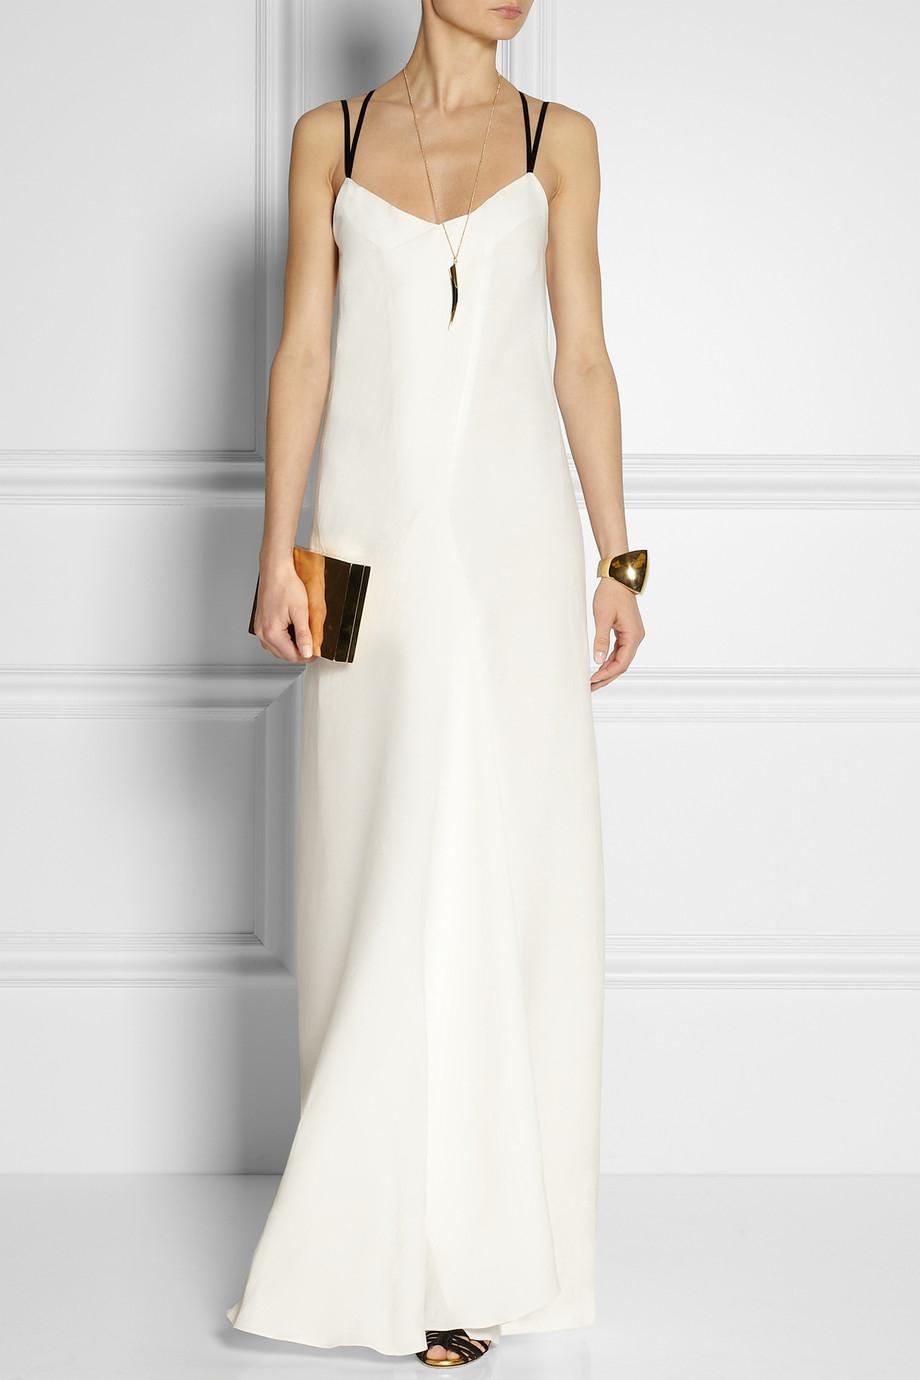 Maiyet Linen-blend Slip-style Maxi Dress in White | Lyst